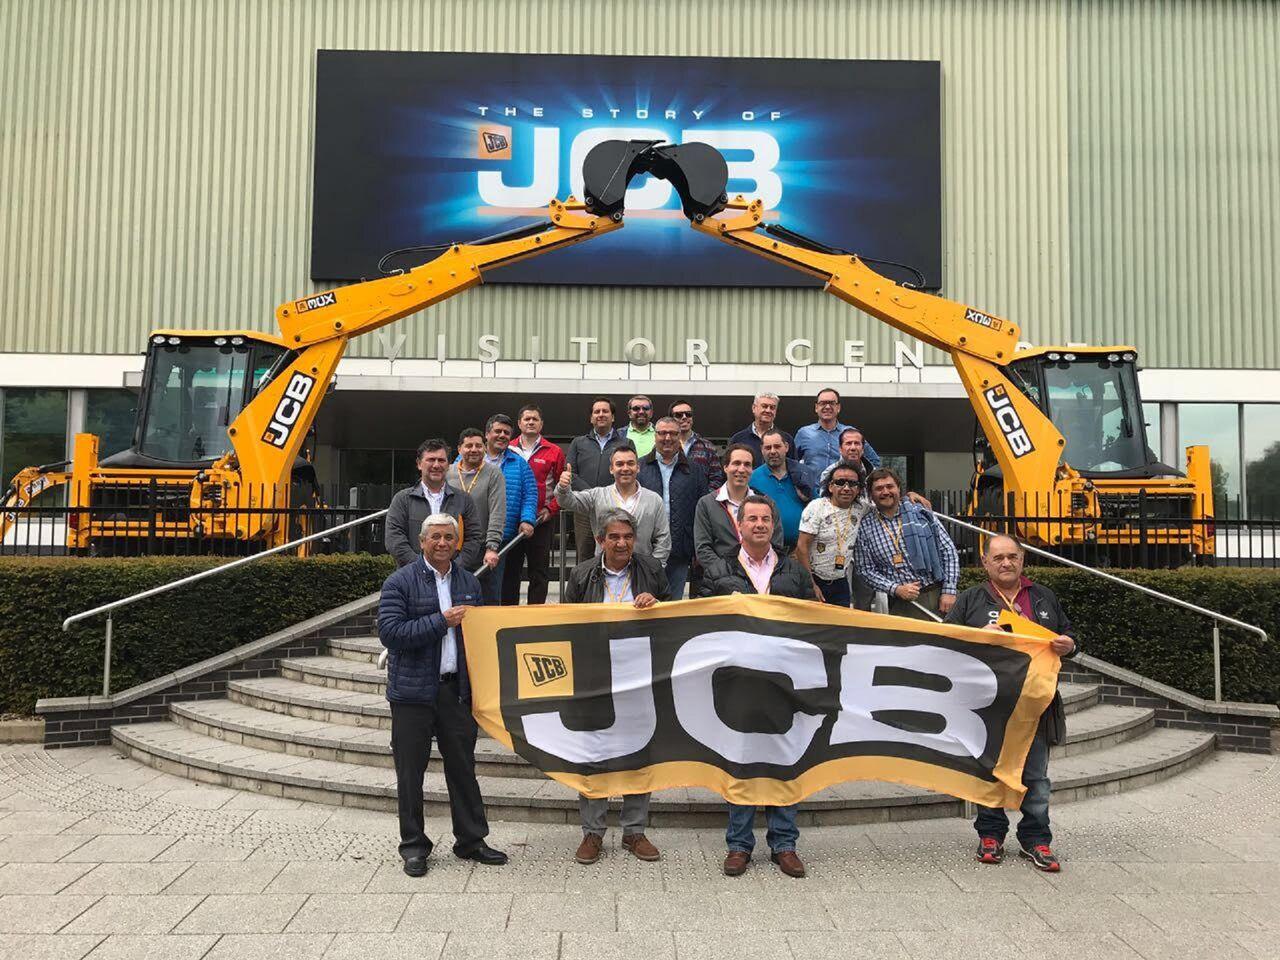 Clientes de JCB visitan fábrica en Inglaterra